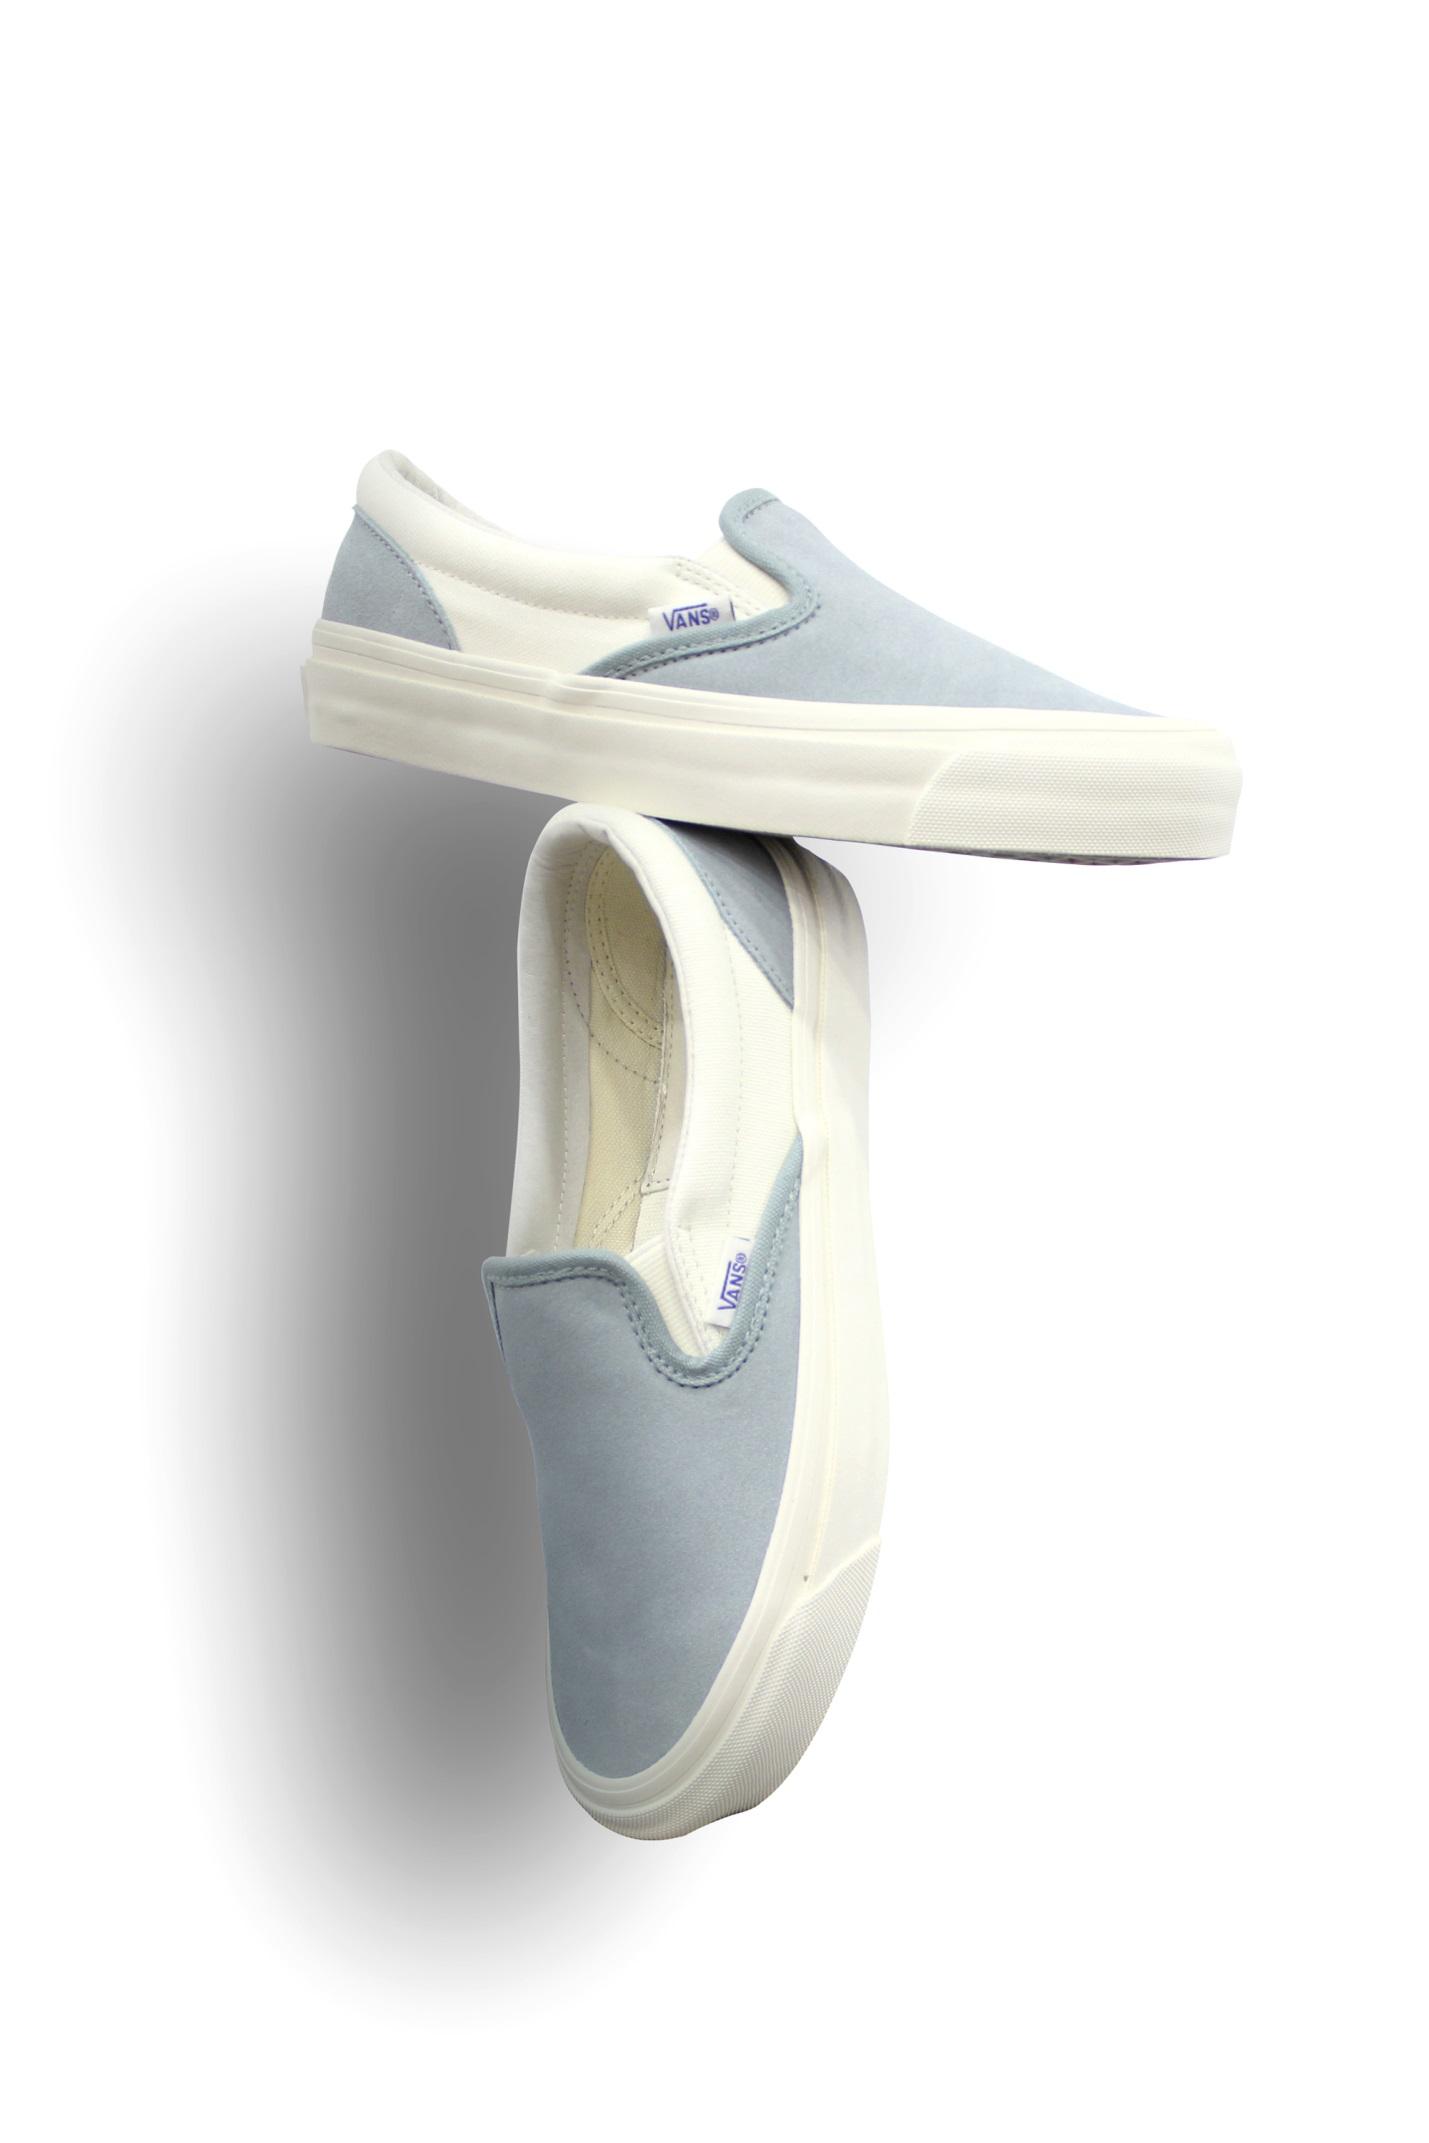 Vans Vault tiếp tục khẳng định đẳng cấp ở những dòng giày cơ bản - Ảnh 7.